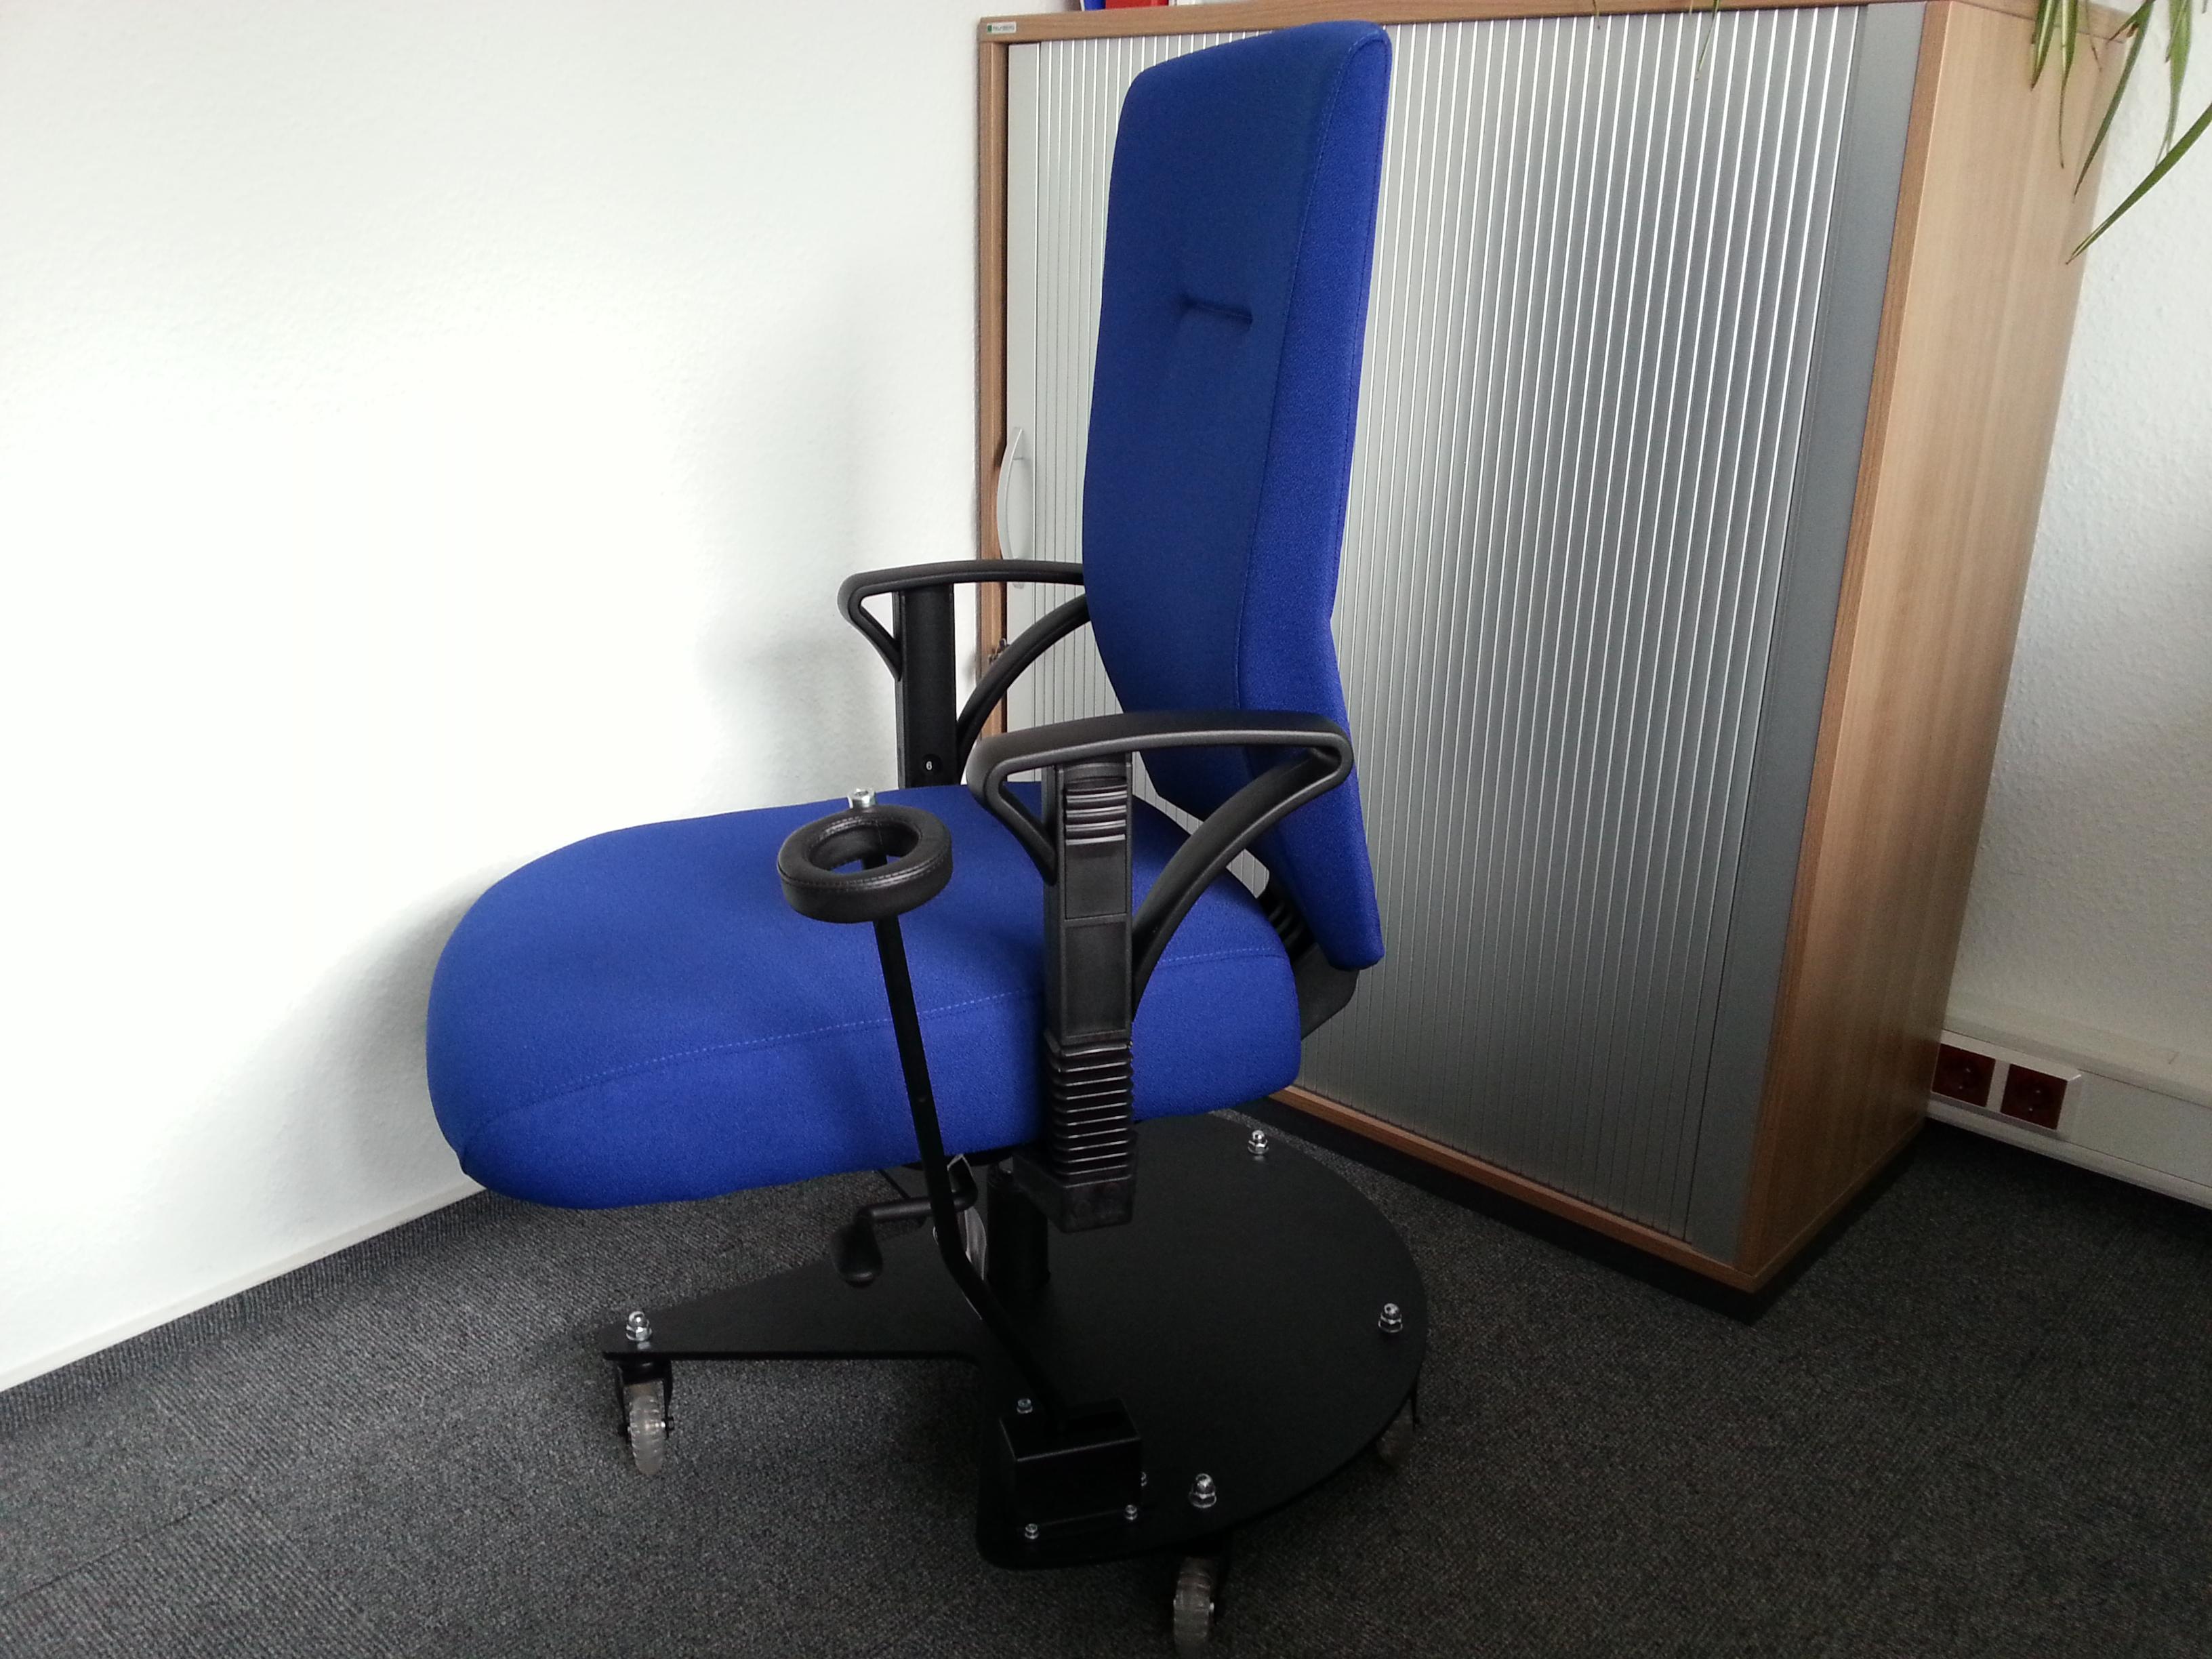 ergonomischer b rostuhl mit feststellbarer laufrollen bremse bei zweifacher beinprothese und. Black Bedroom Furniture Sets. Home Design Ideas